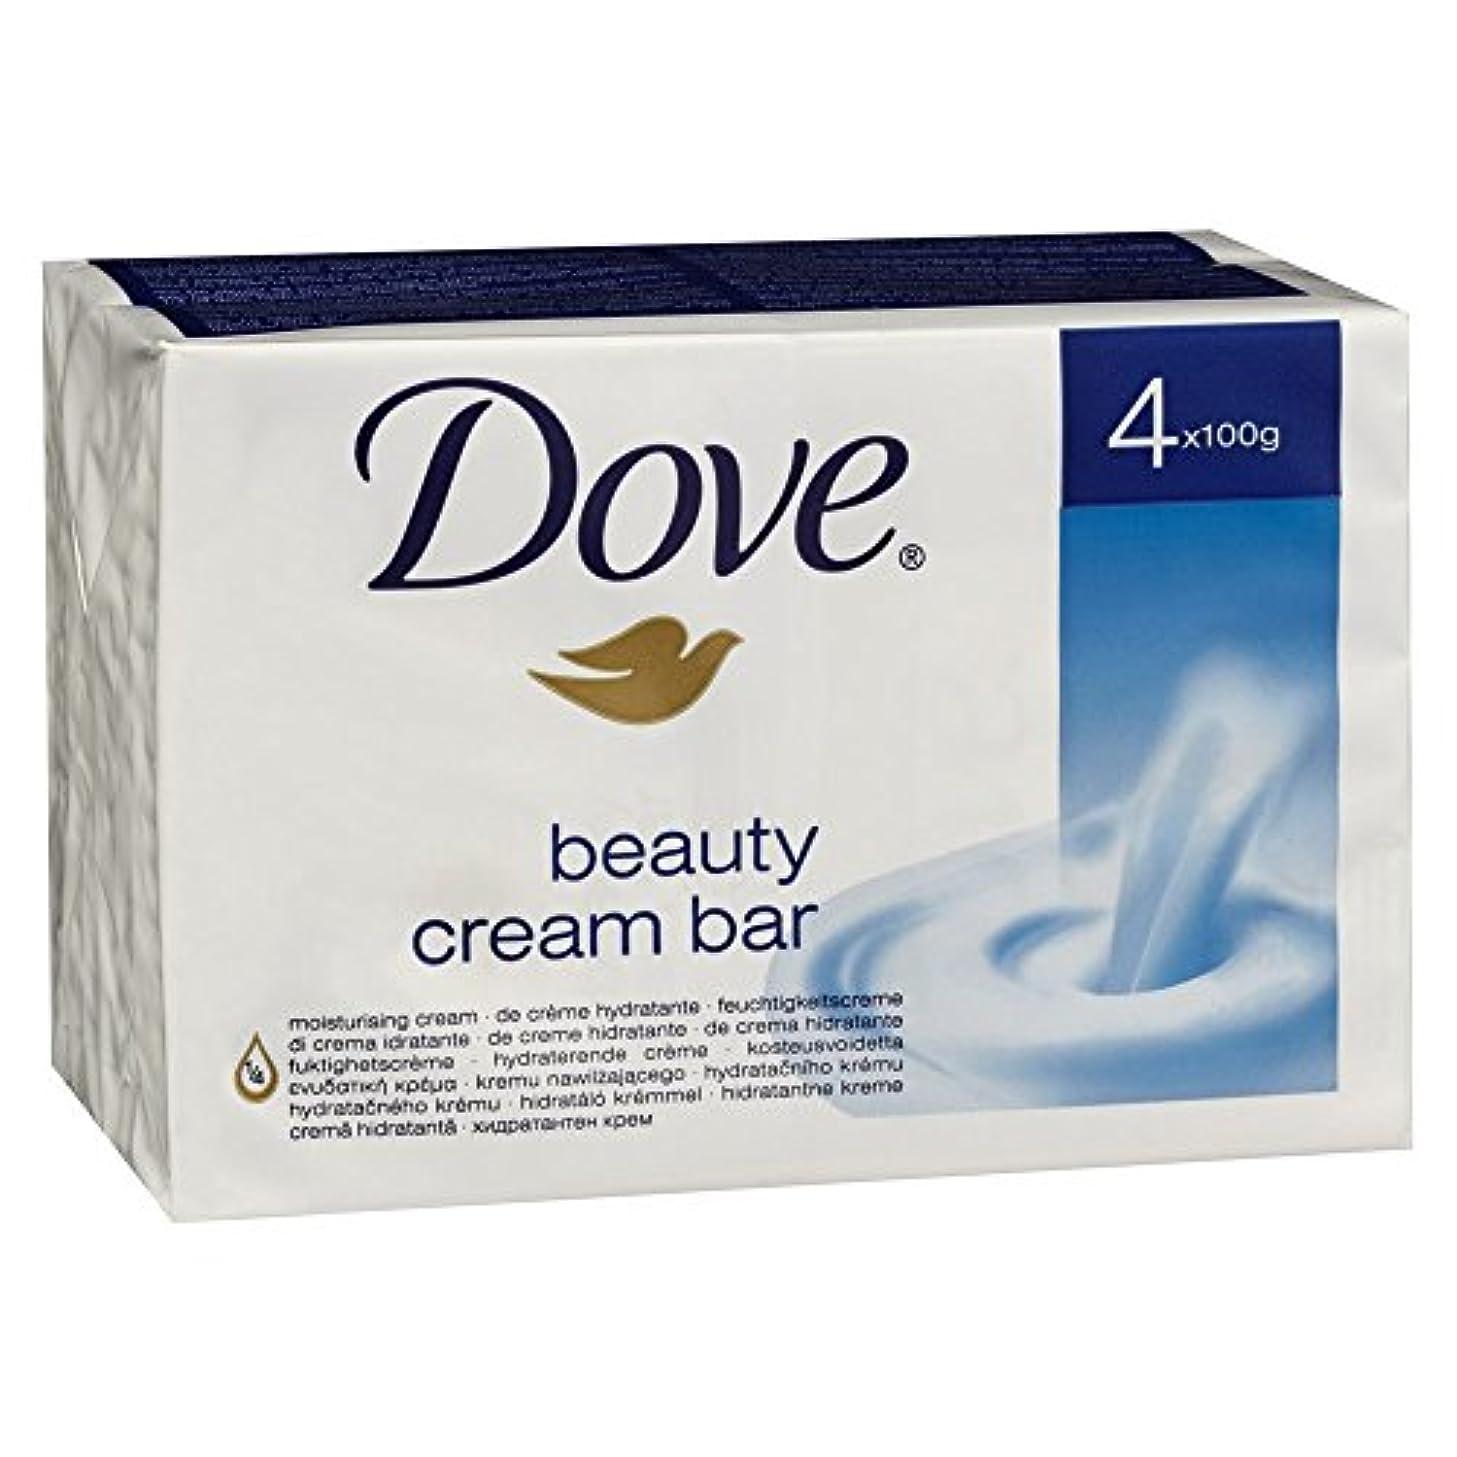 普及隔離する損傷Dove どこ美容クリームバー石鹸4x100g